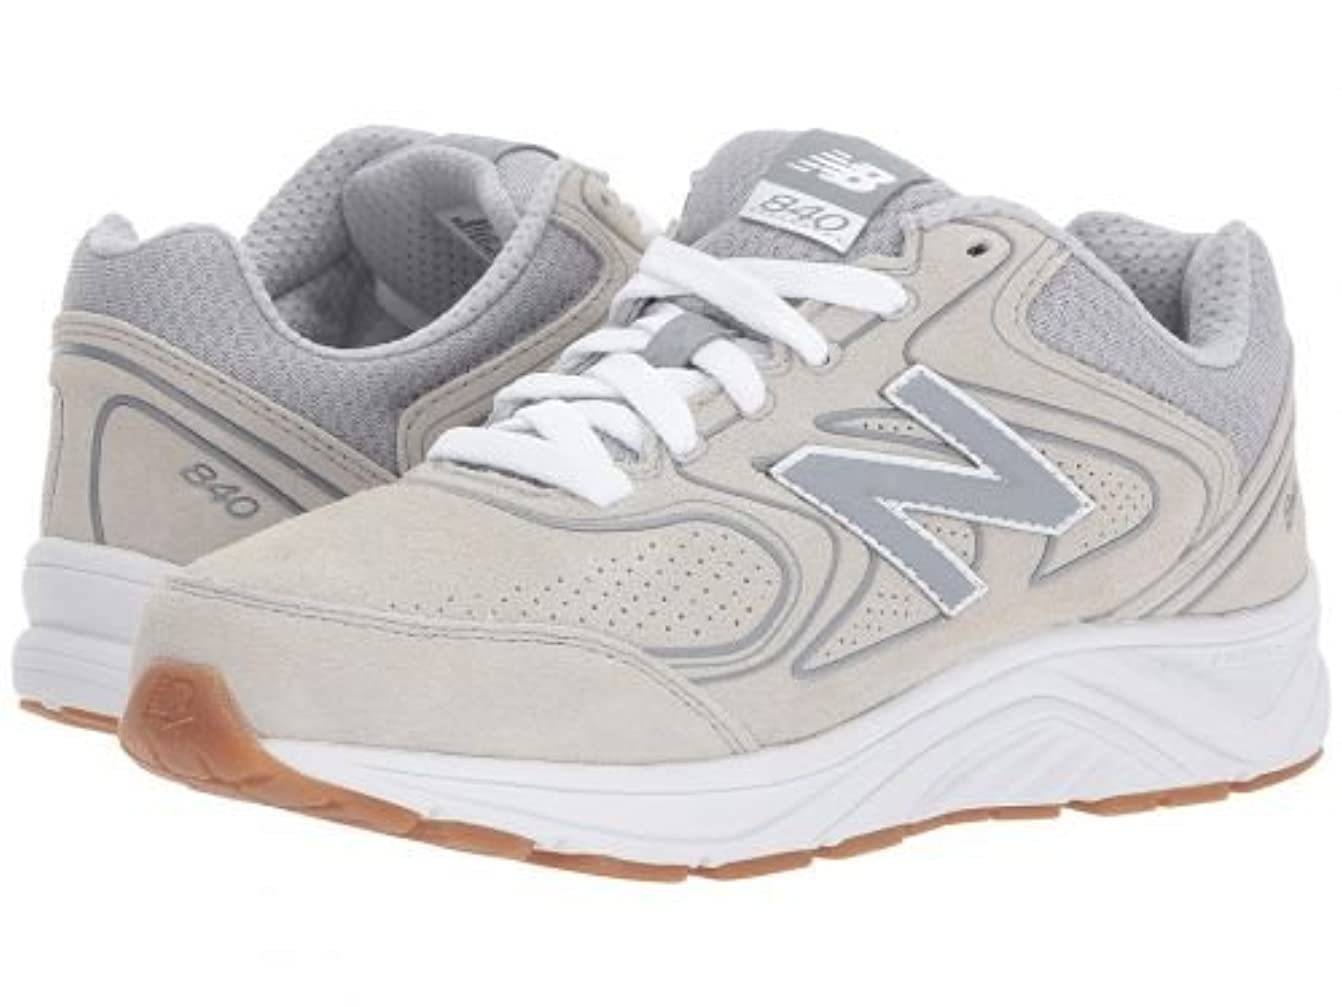 モジュール悪行部族New Balance(ニューバランス) レディース 女性用 シューズ 靴 スニーカー 運動靴 WW840v2 - Grey/Grey 12 D - Wide [並行輸入品]